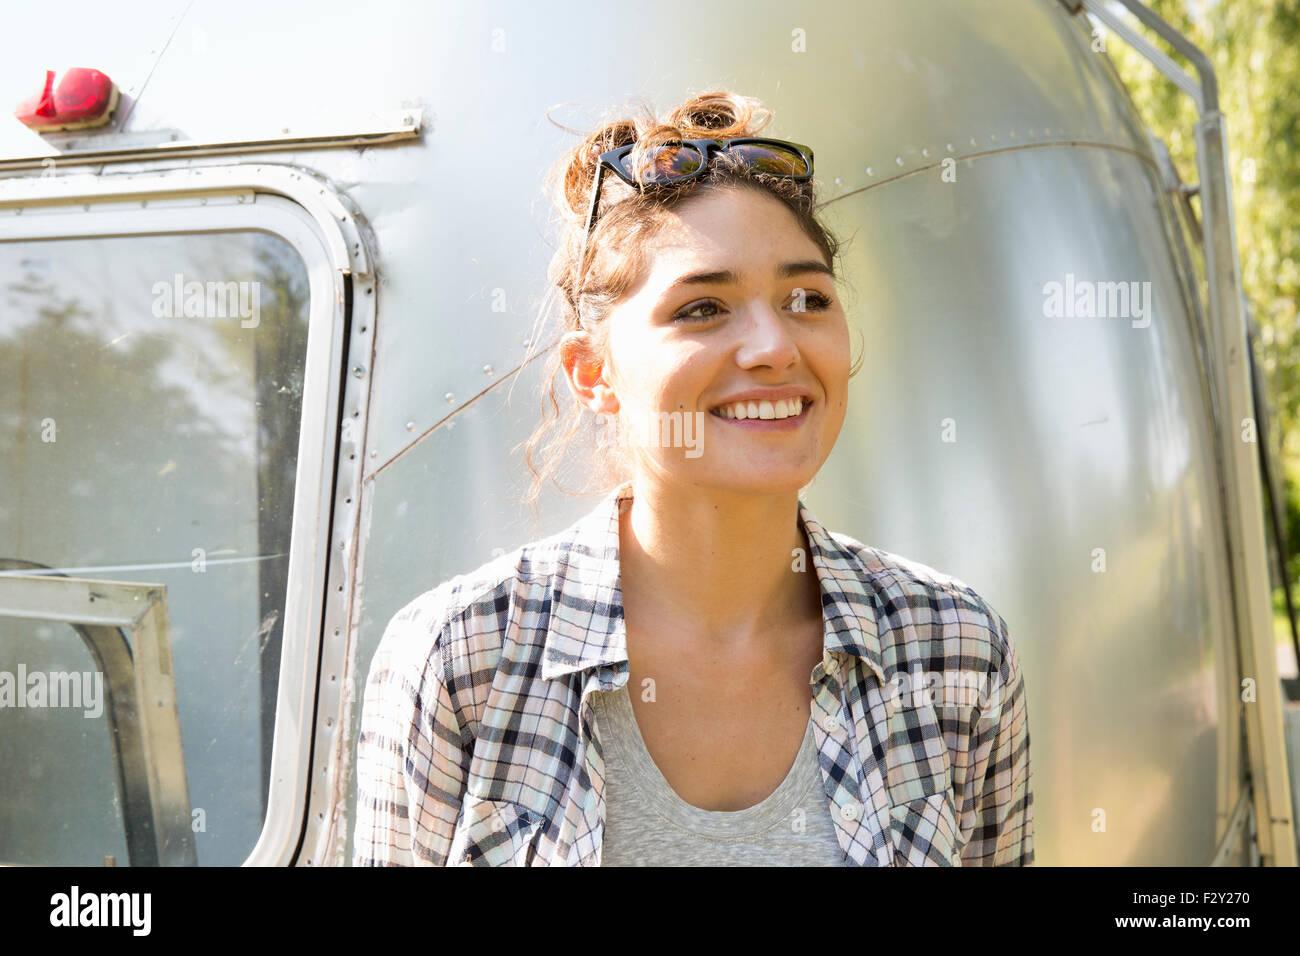 Une jeune femme portant des lunettes de soleil par une remorque de couleur argent. Photo Stock